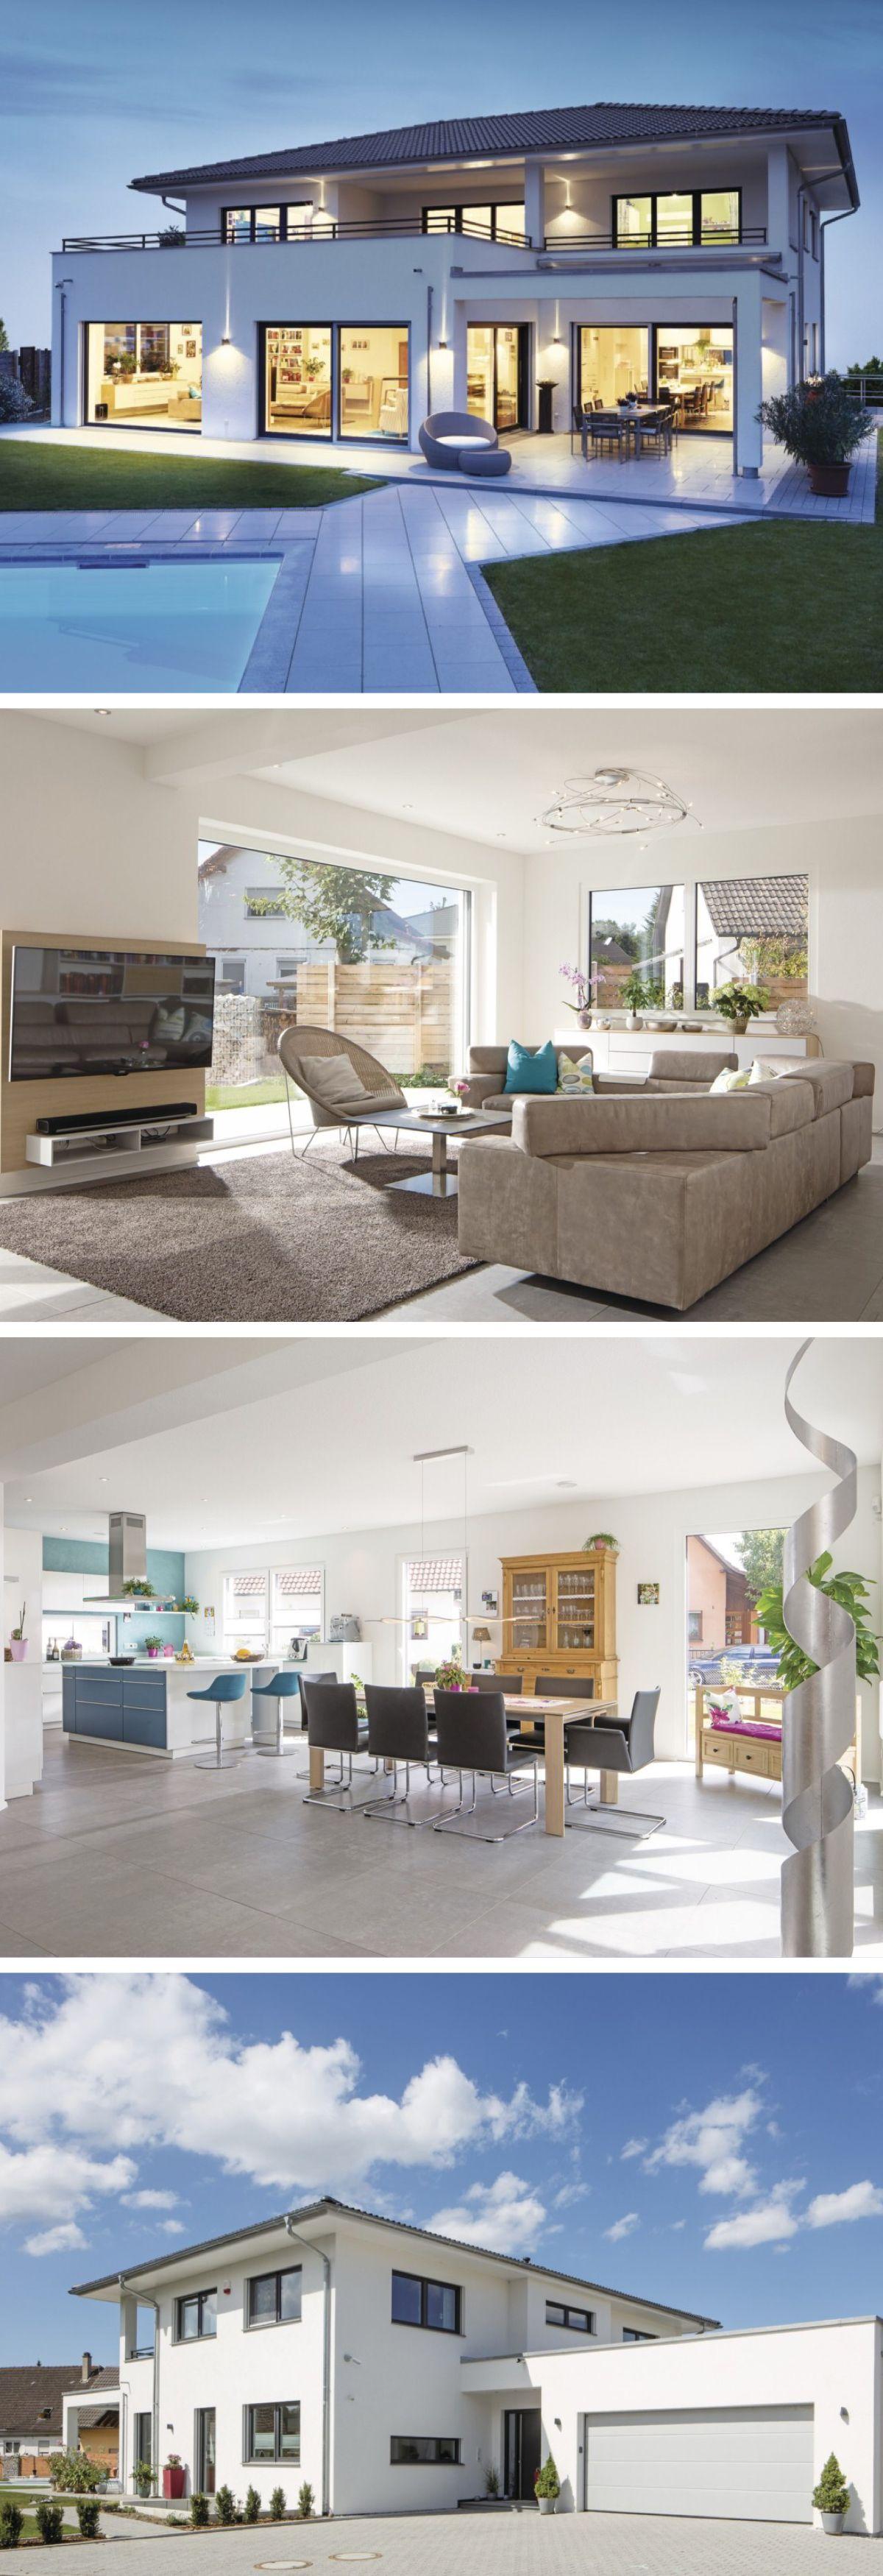 Modernes Design-Haus mit Pool und Garage - WeberHaus Stadtvilla als ...